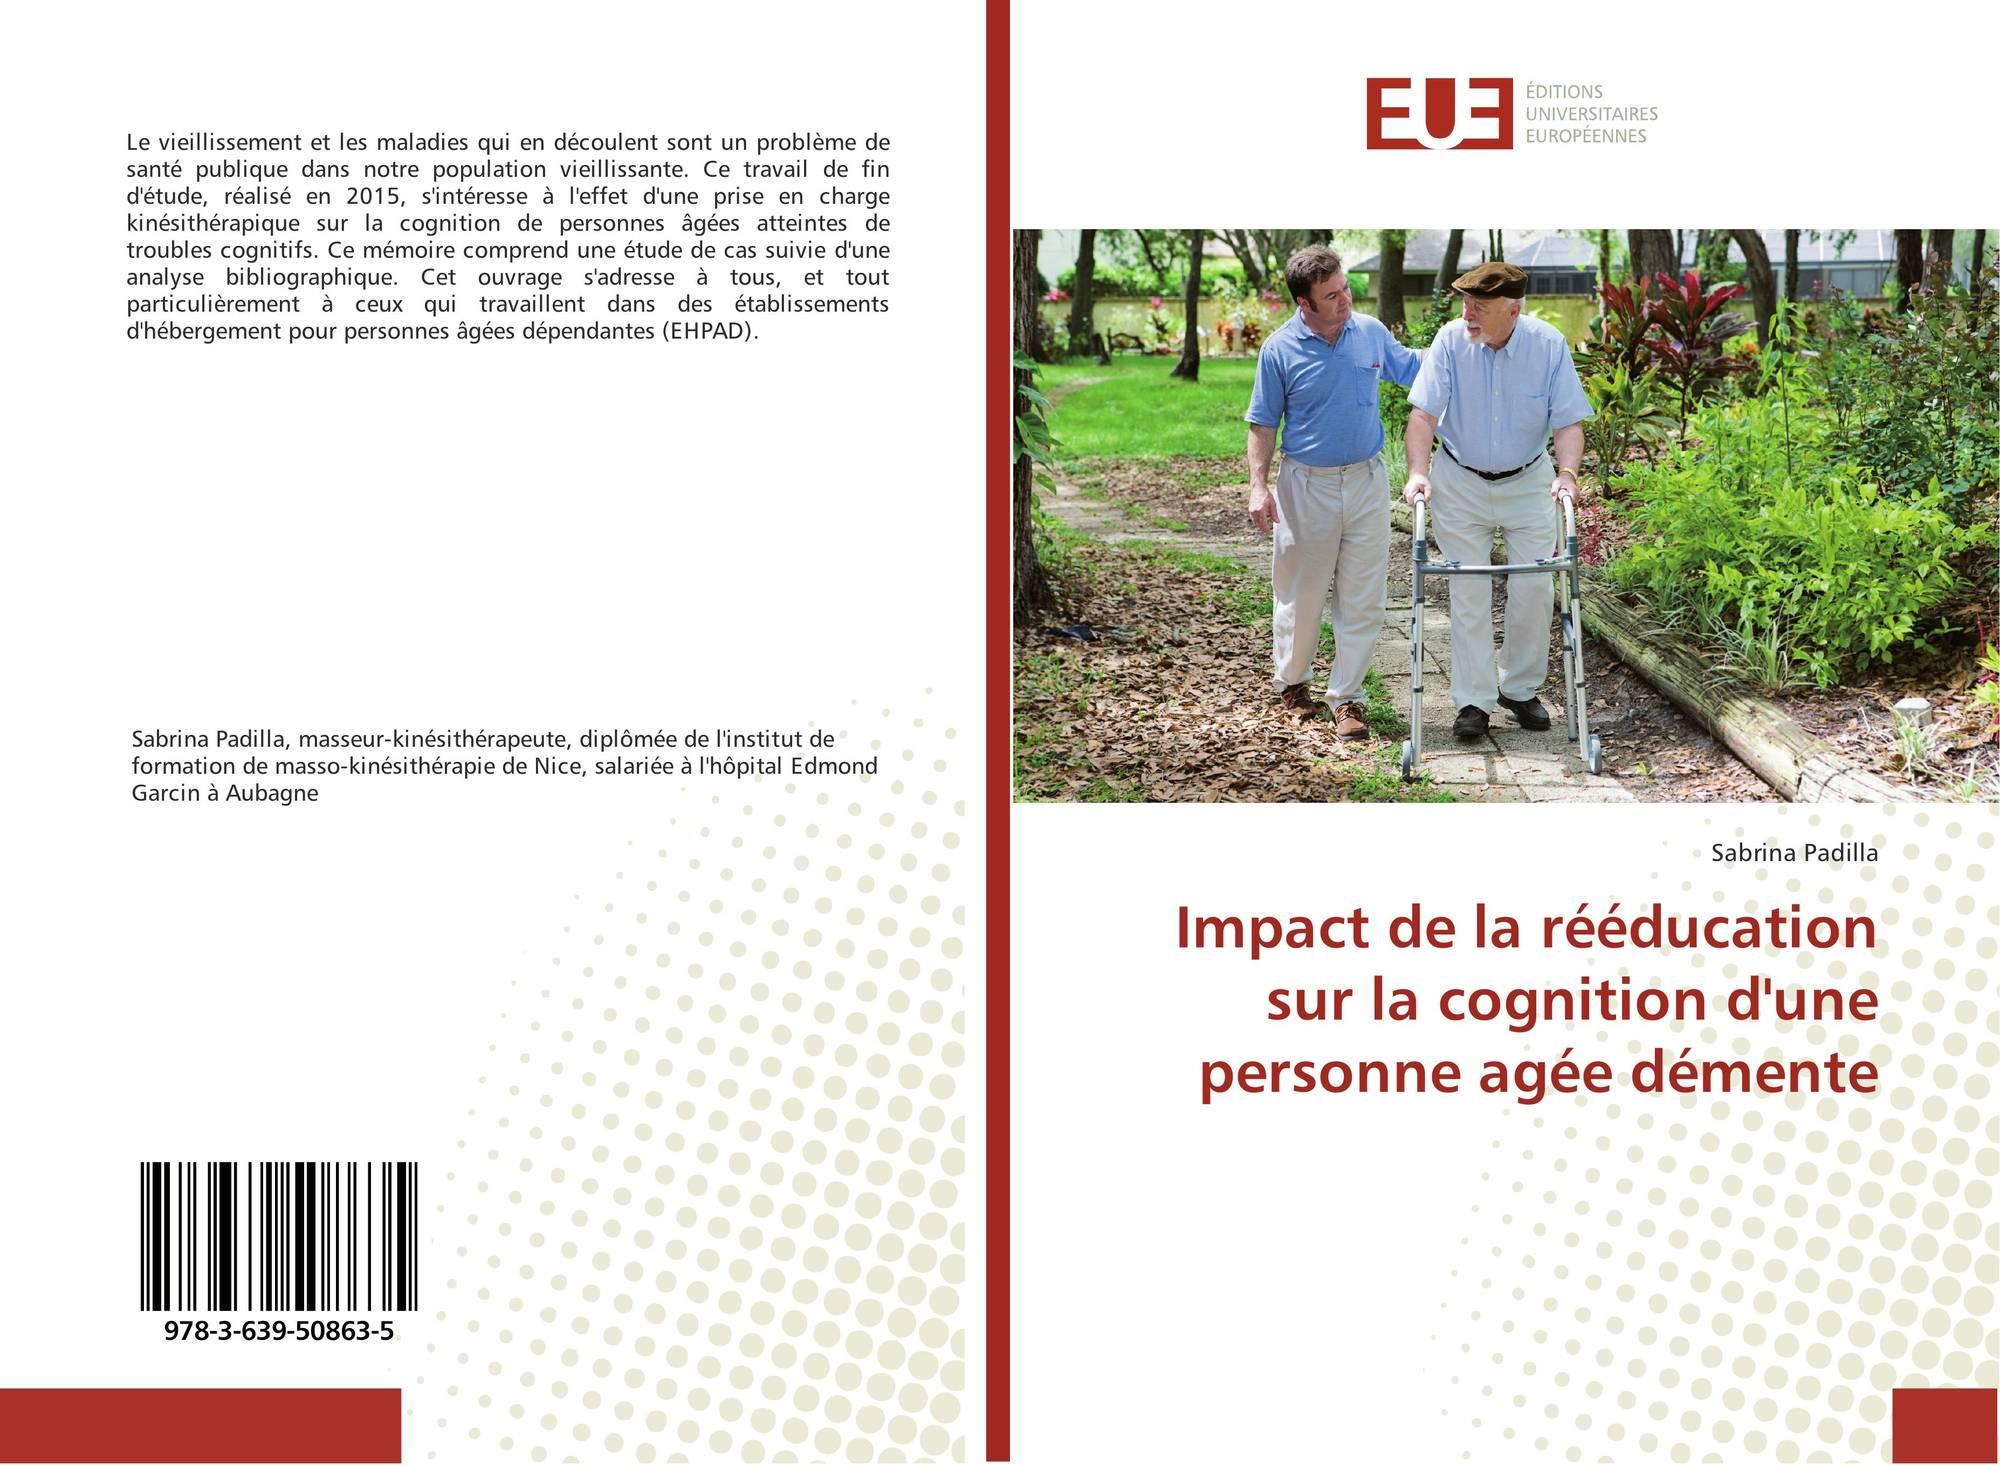 Impact de la r ducation sur la cognition d 39 une personne ag e d mente 97 - Peut on expulser une personne agee ...